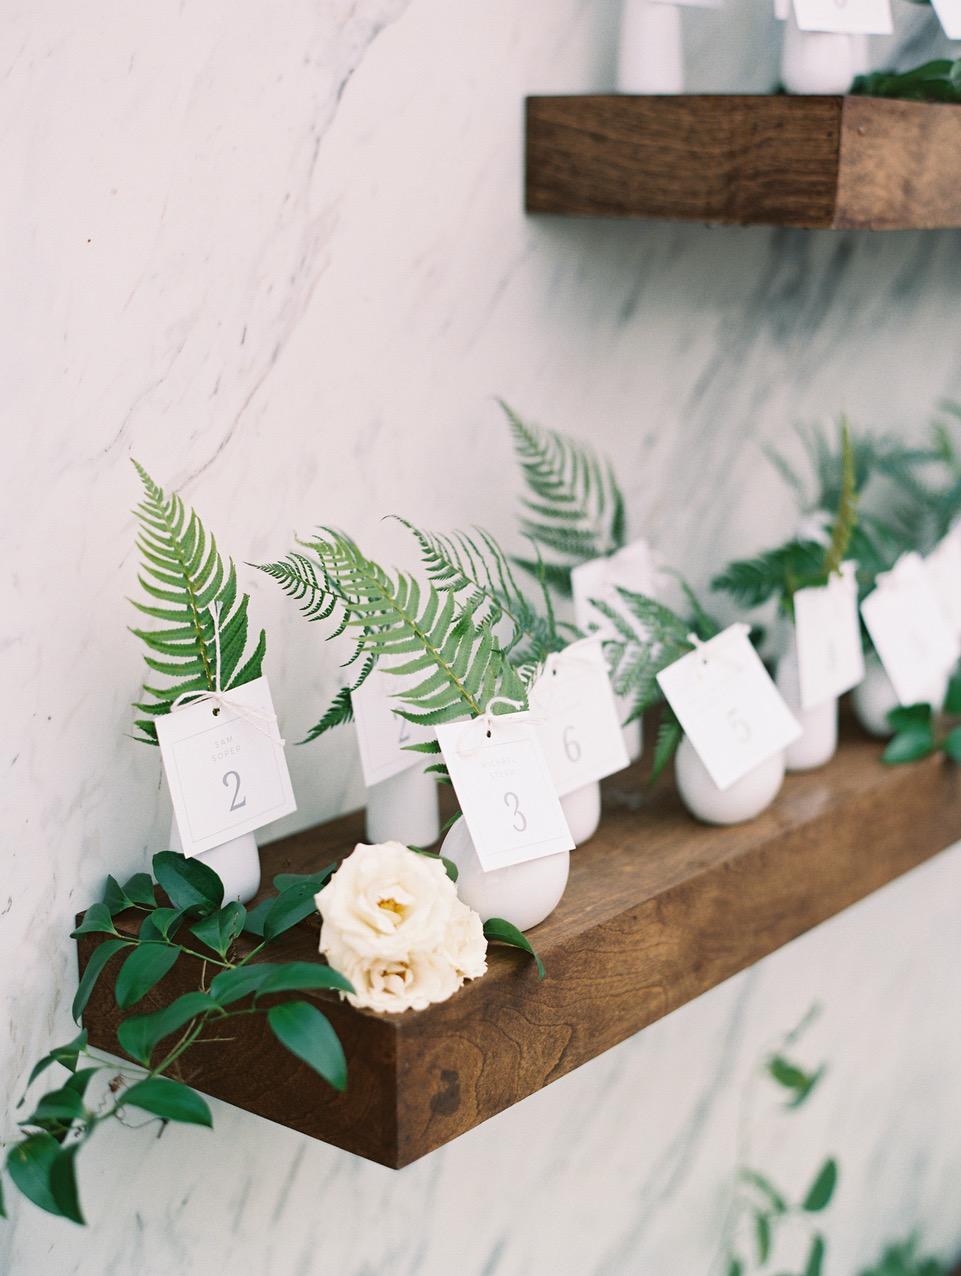 porcelain bud vase escort cards with ferns